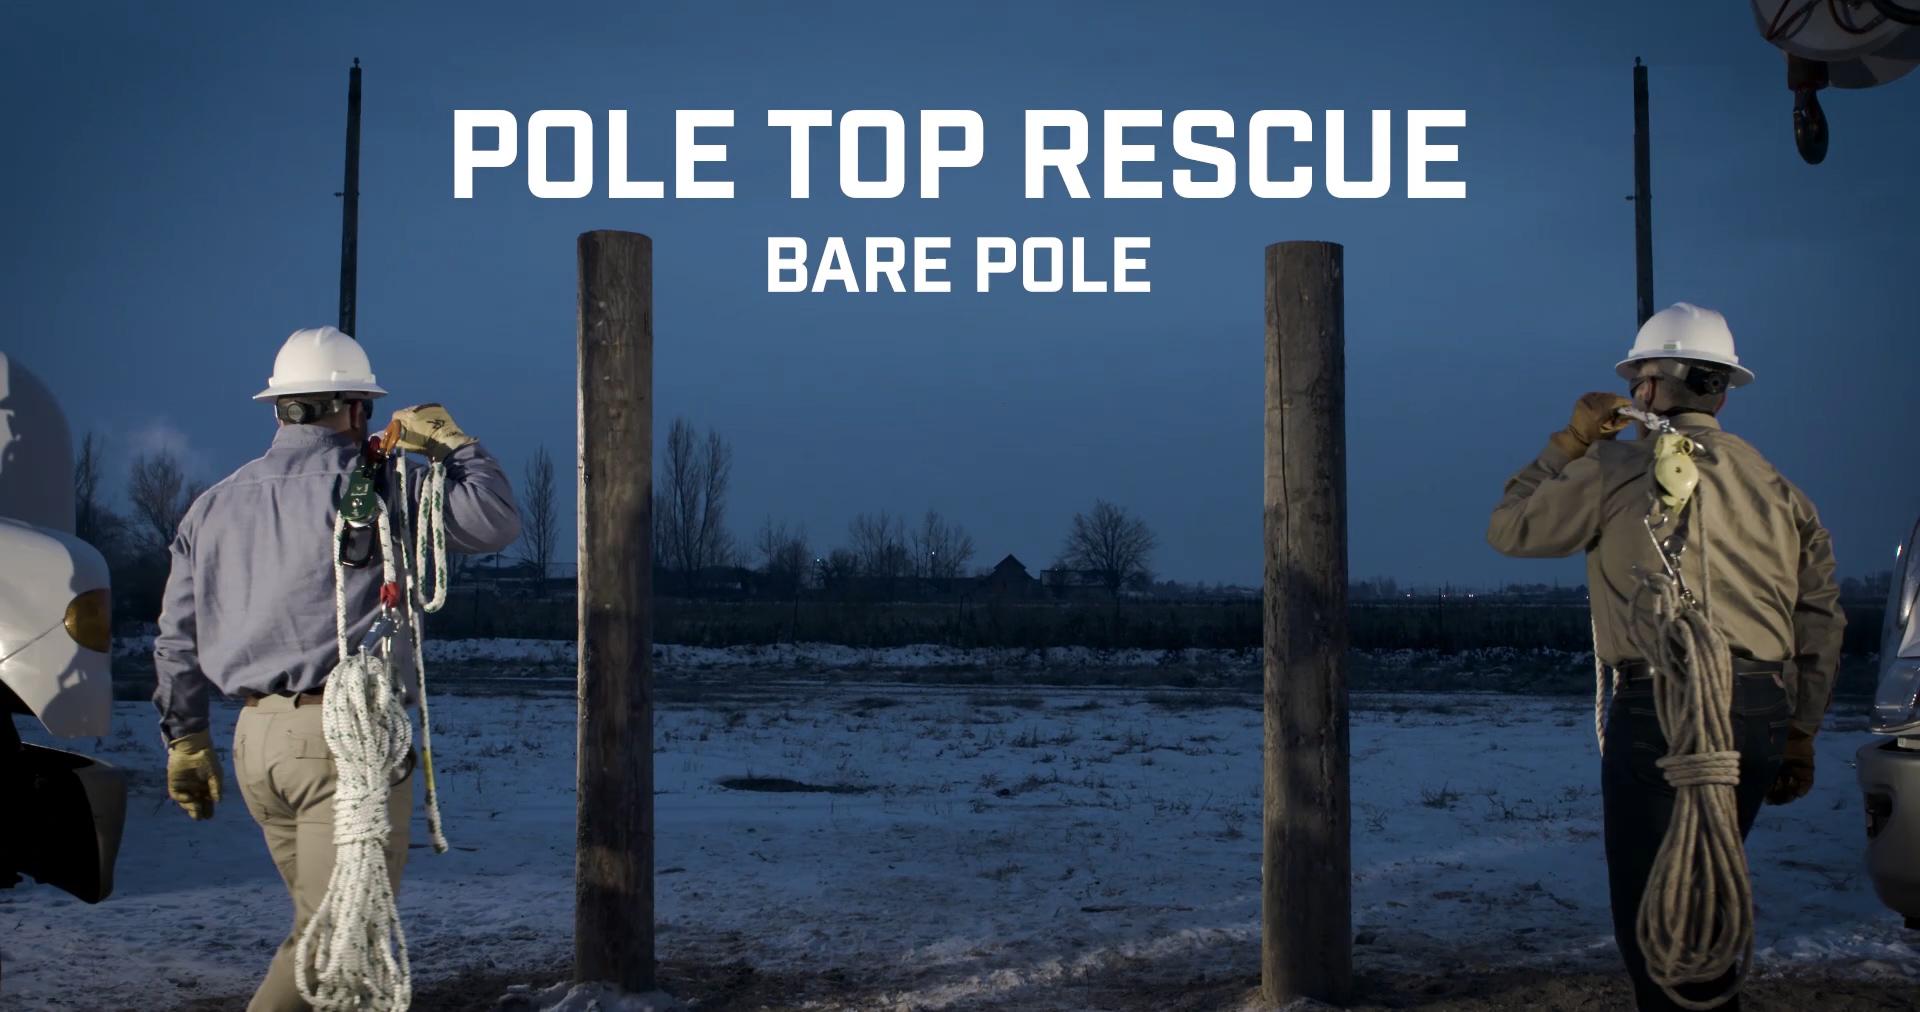 Pole Top Rescue - Bare Pole